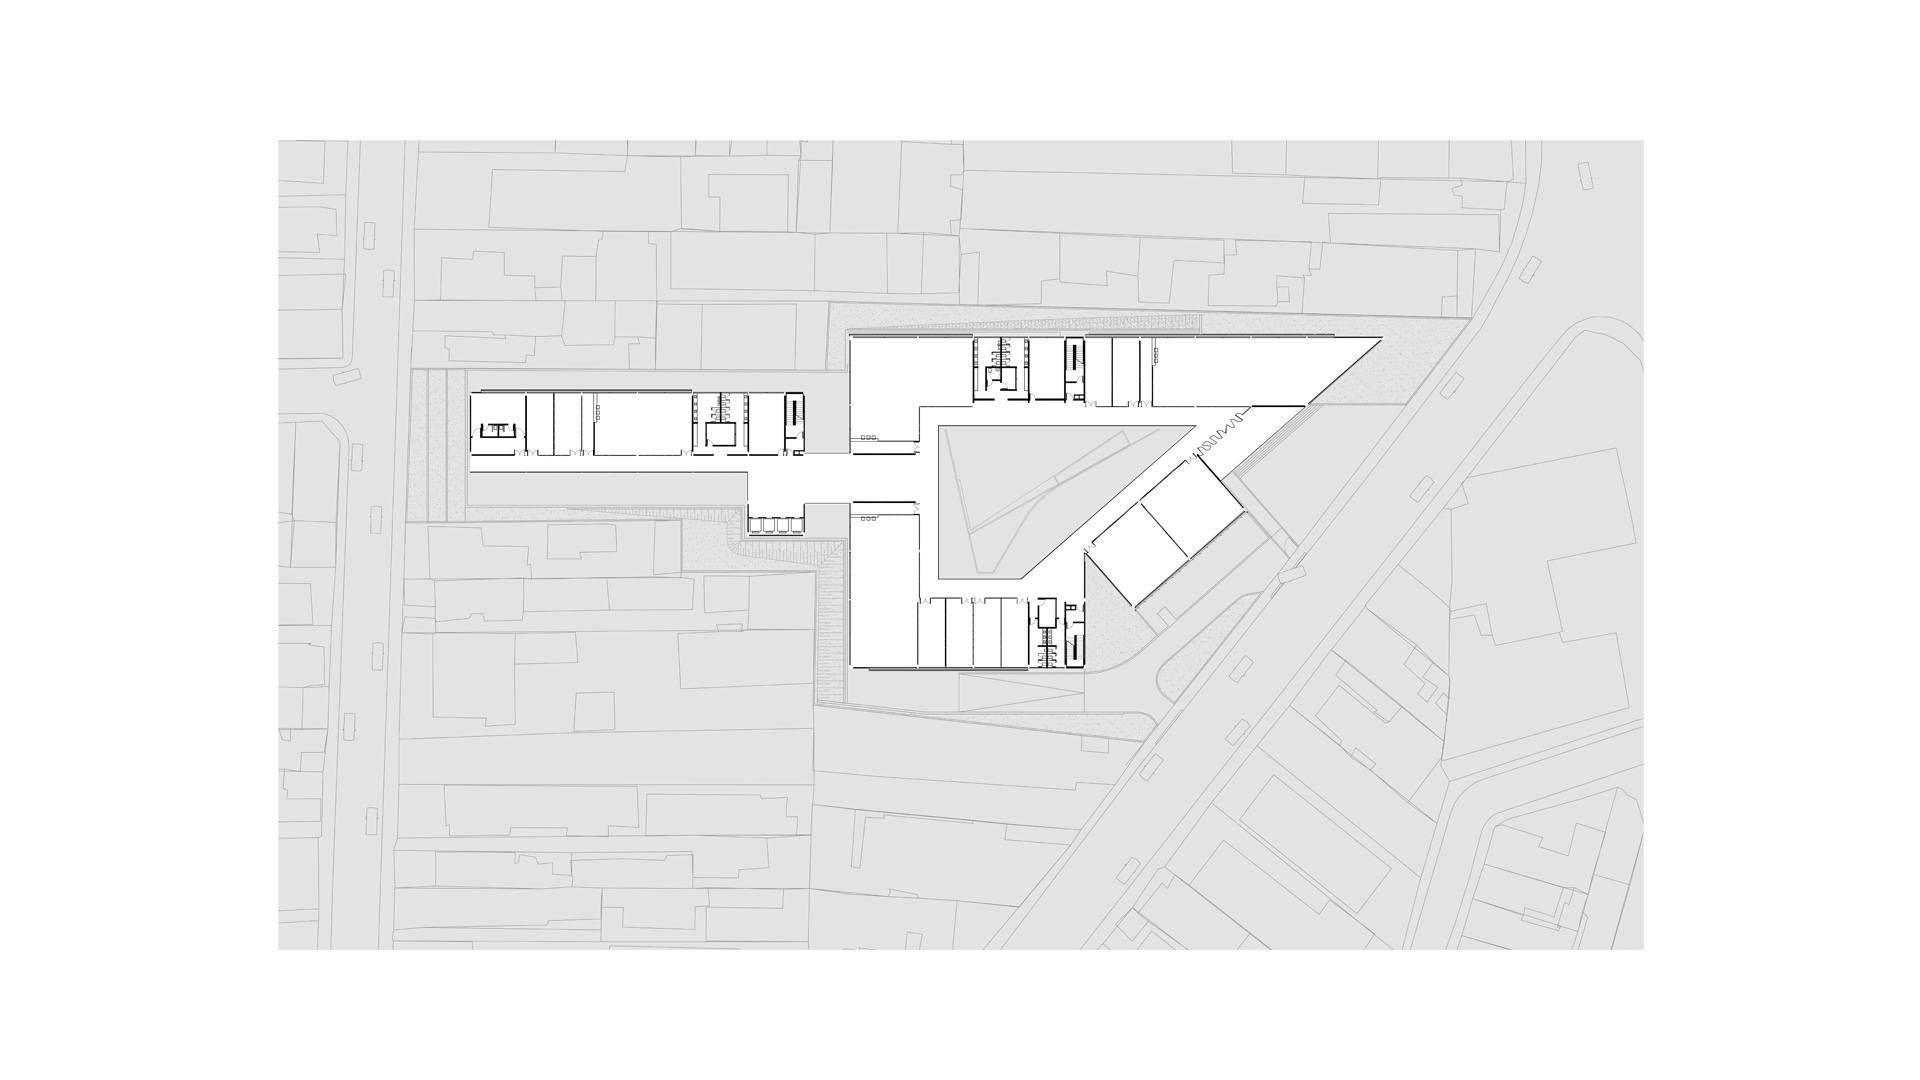 forum-planta-1o-pavimento